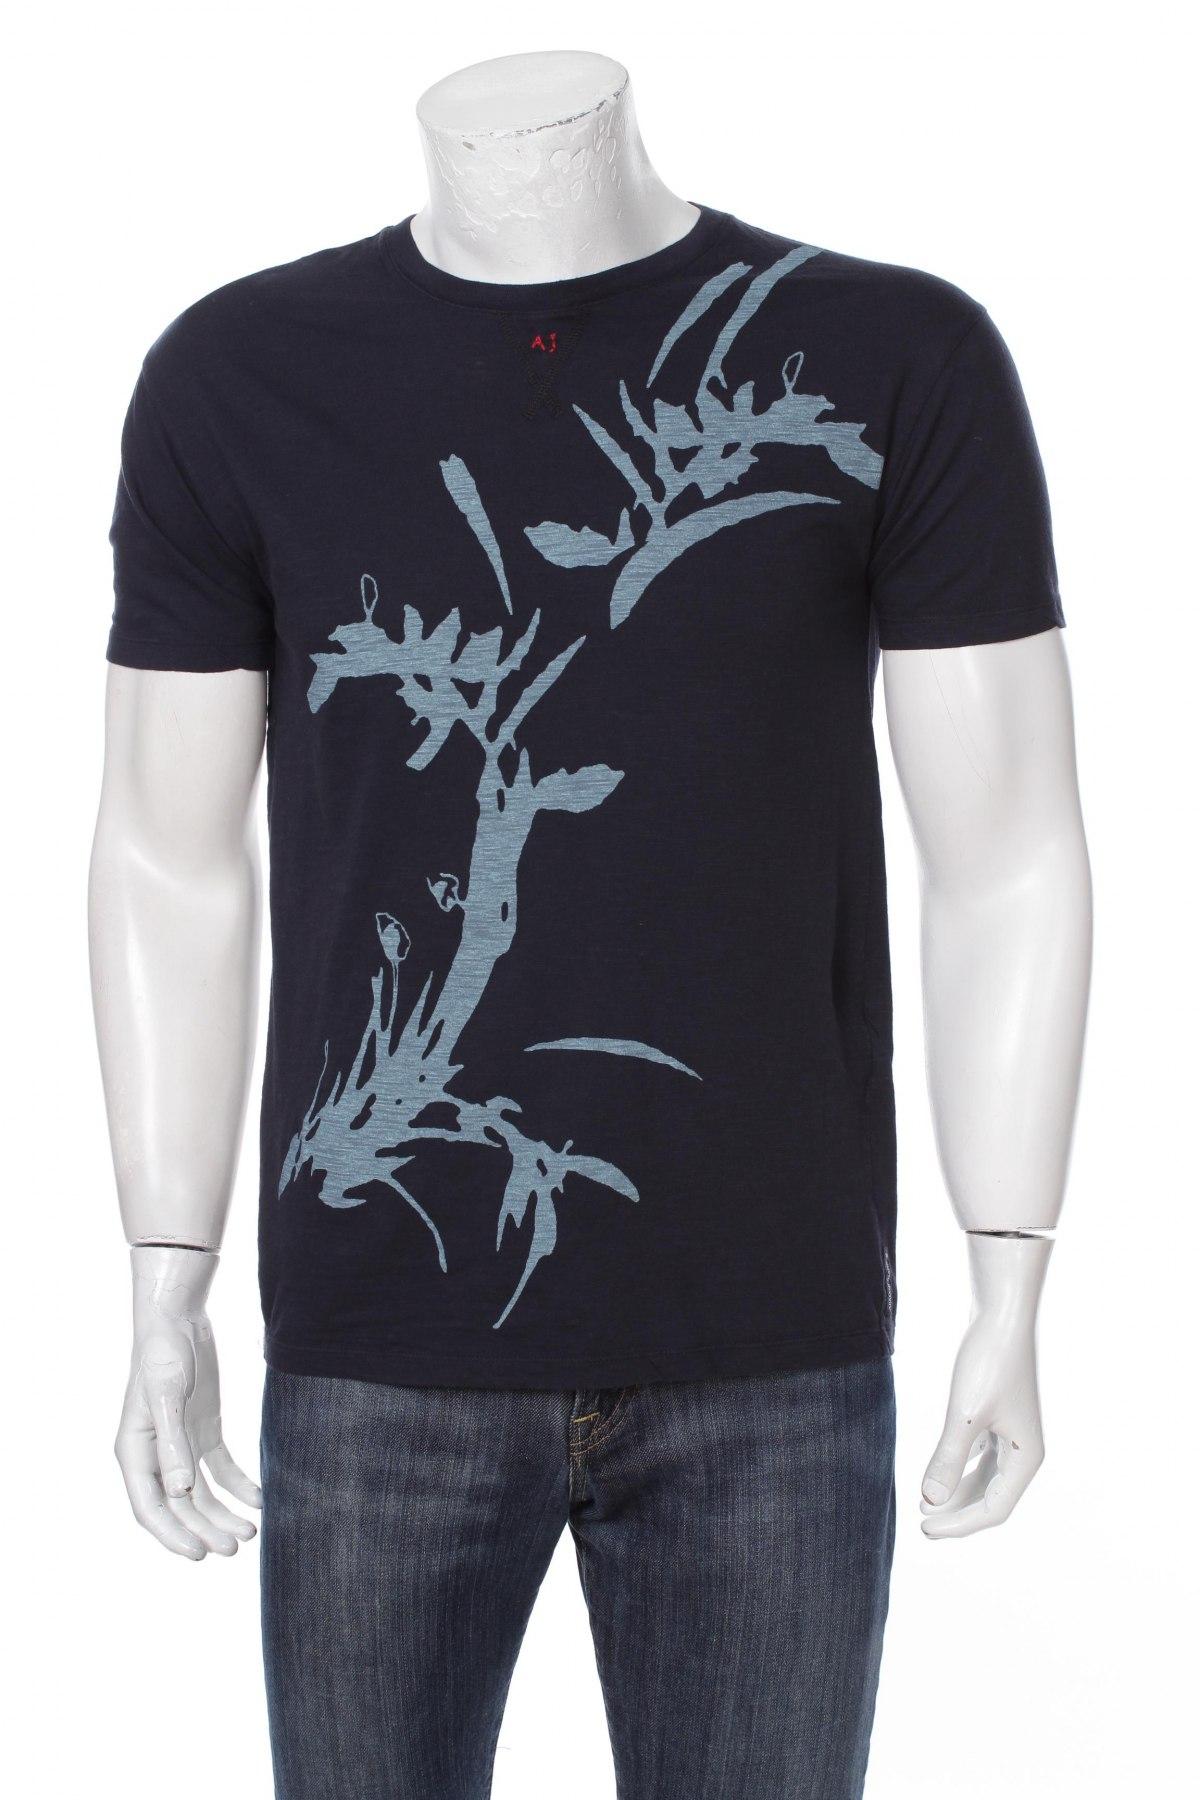 21c85ee85e Pánské tričko Armani Jeans - za vyhodnou cenu na Remix -  103108766